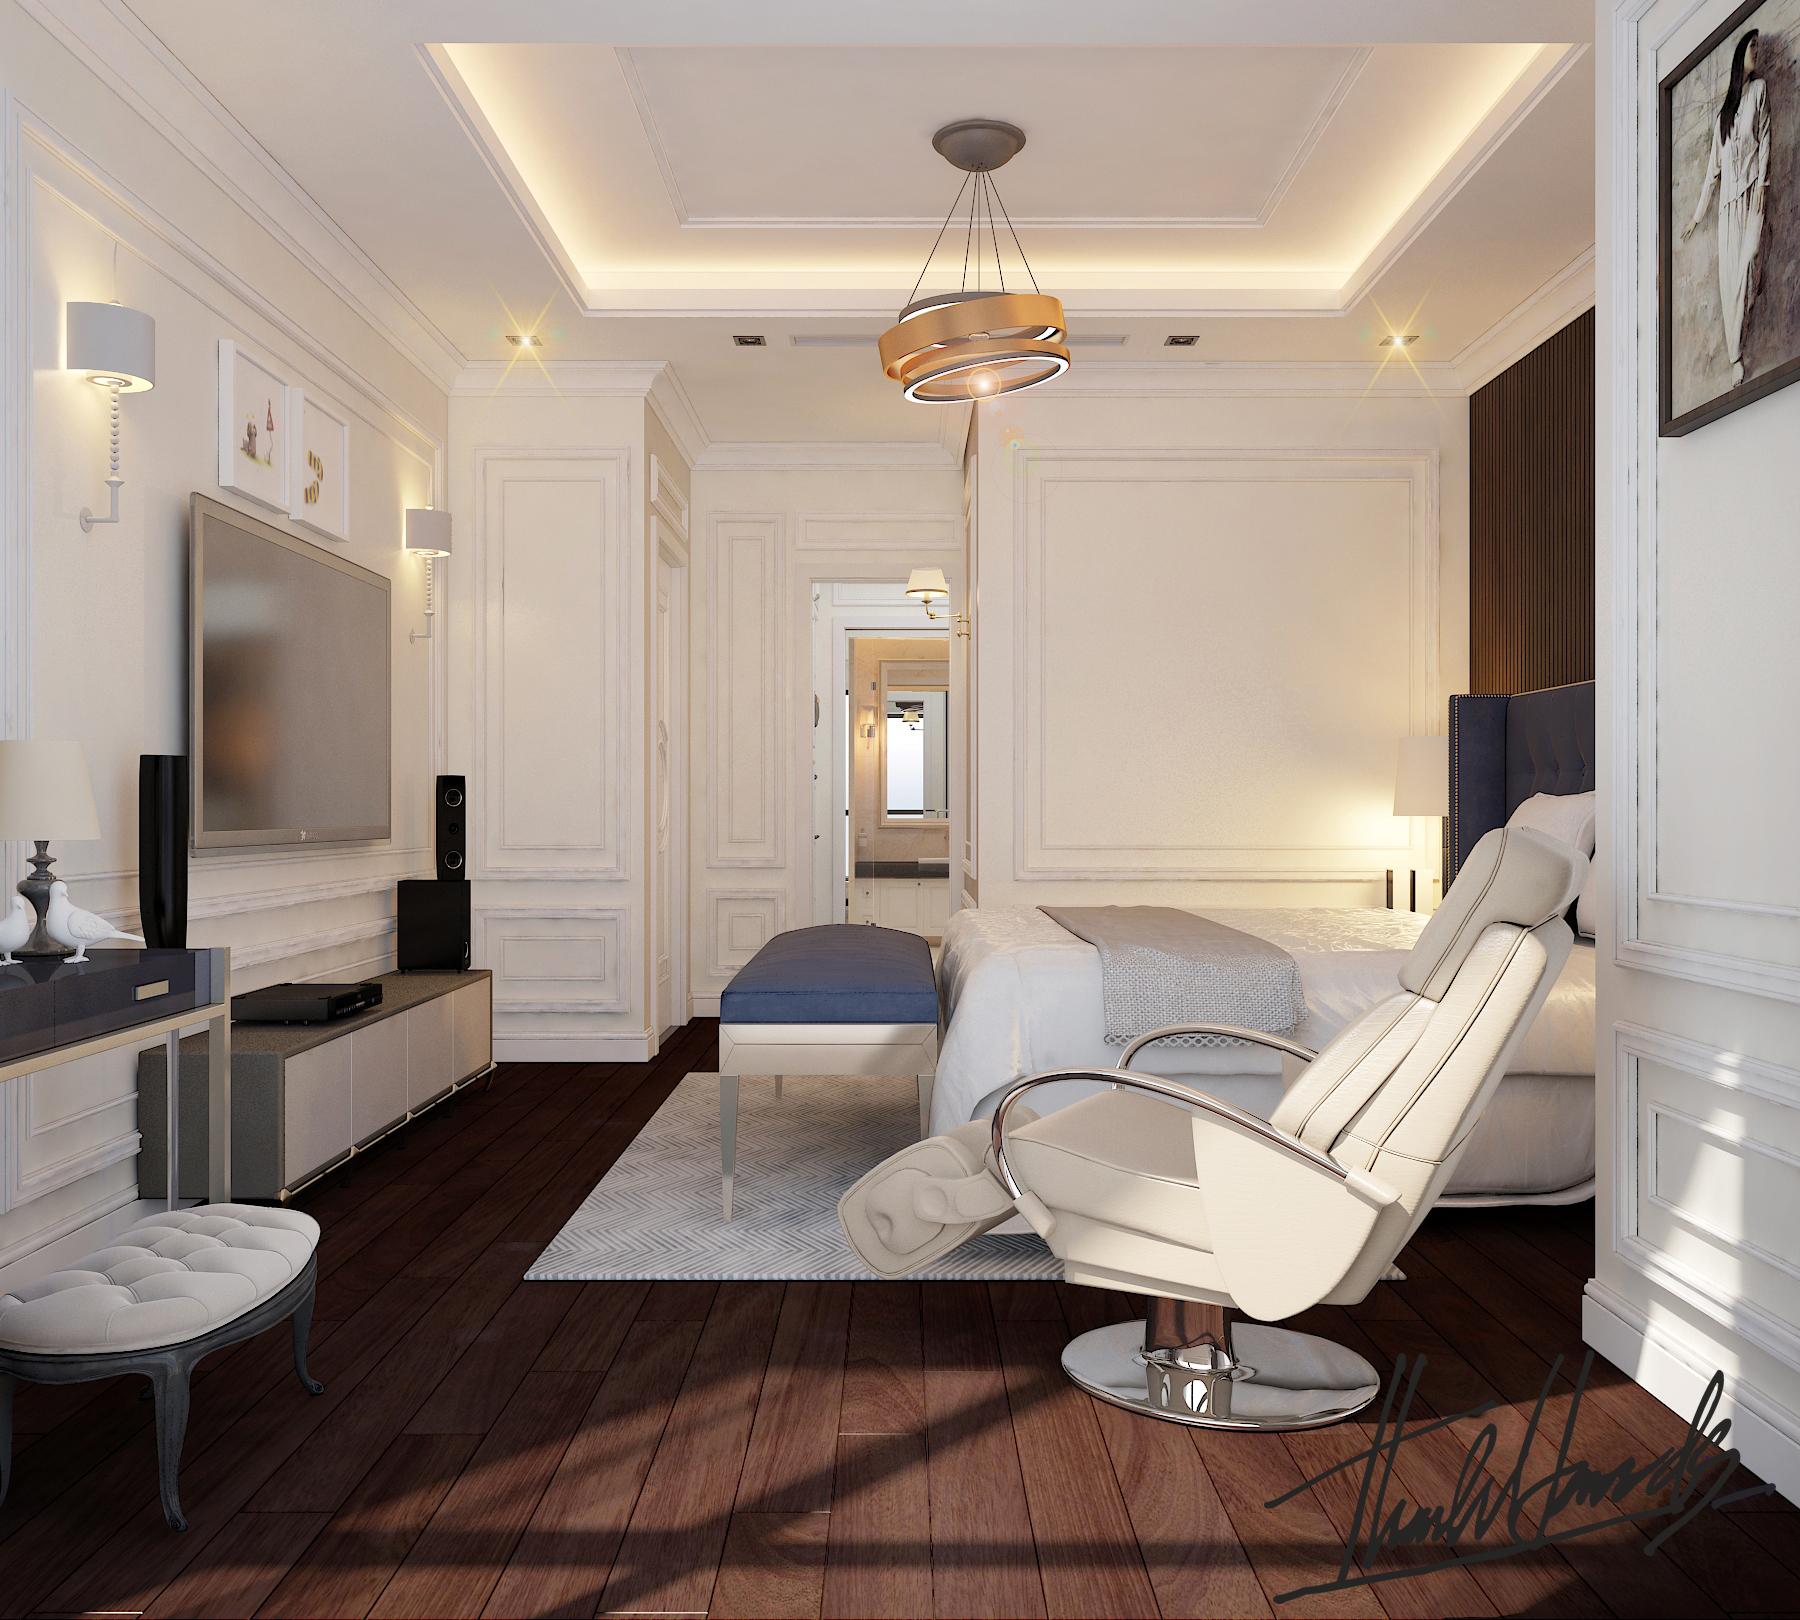 thiết kế nội thất chung cư tại Hà Nội chung cu royacity 11 1568191827